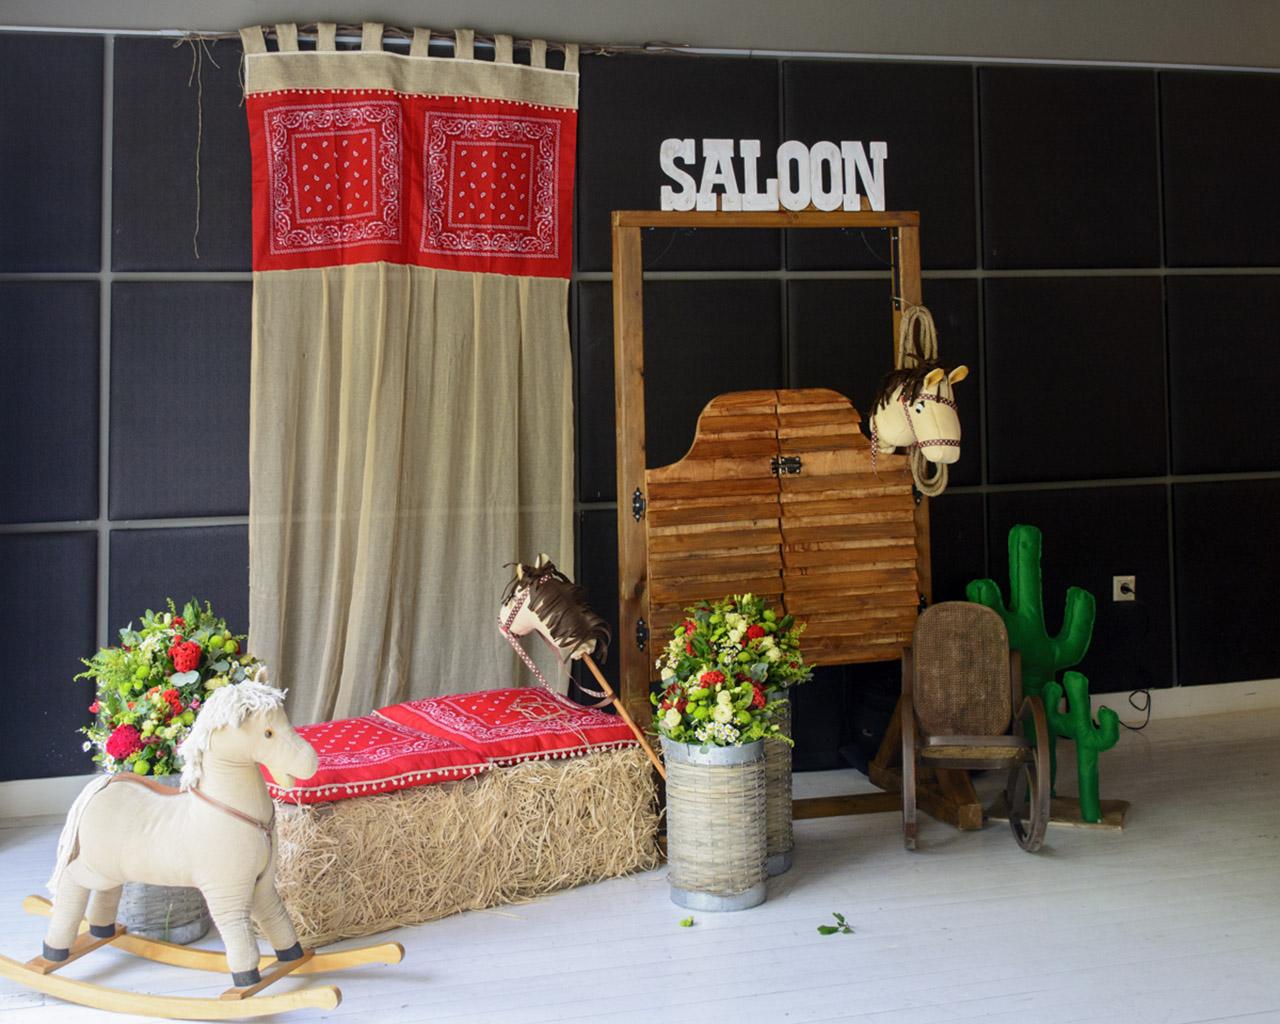 Το σκηνικό με το Saloon, τα άλογα, τους κάκτους και το σανό, το λάτρεψαν μικροί και μεγάλοι